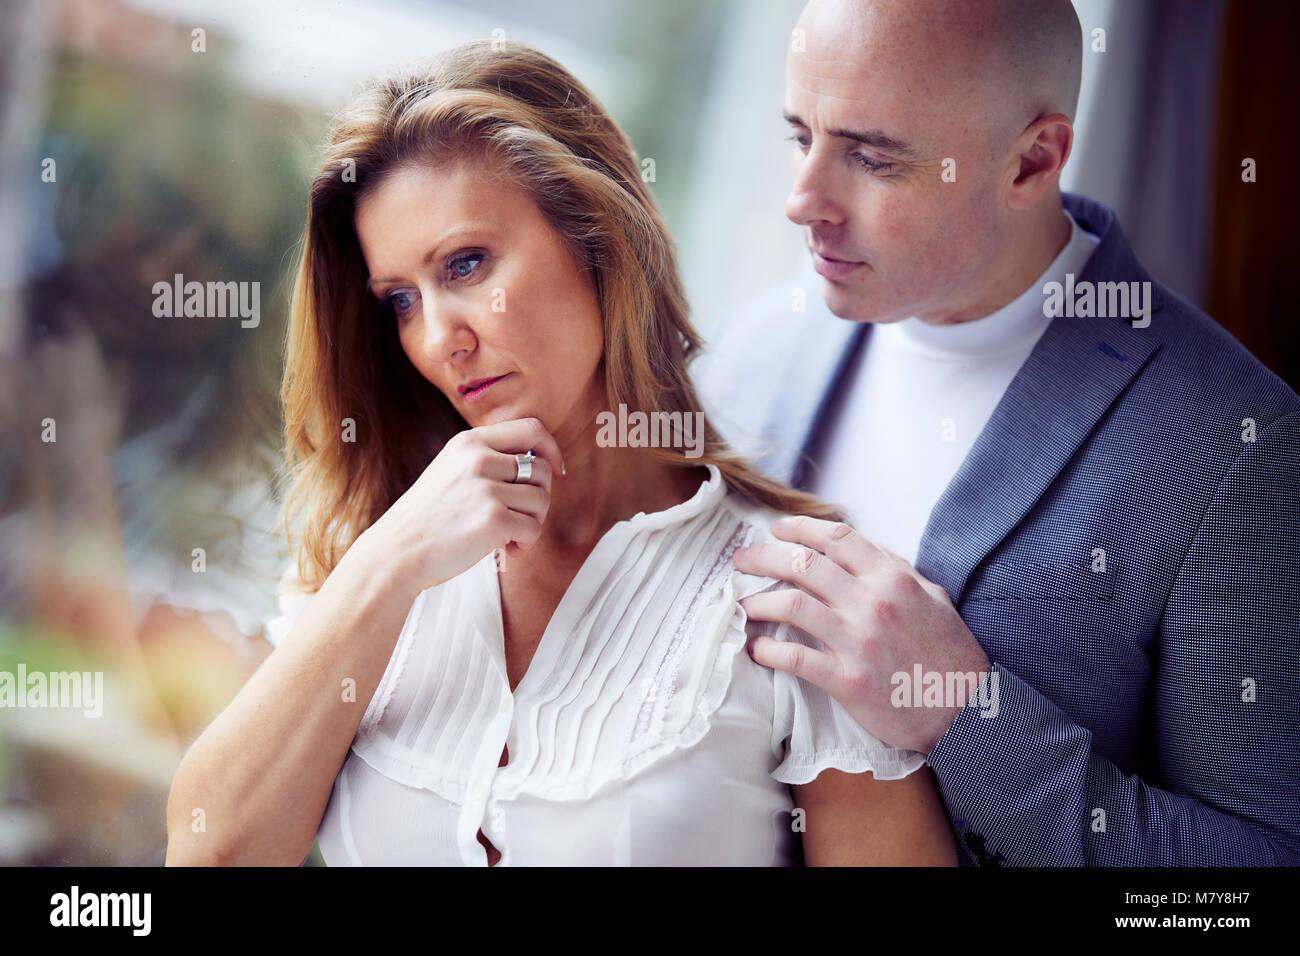 L'uomo consolante partner Immagini Stock